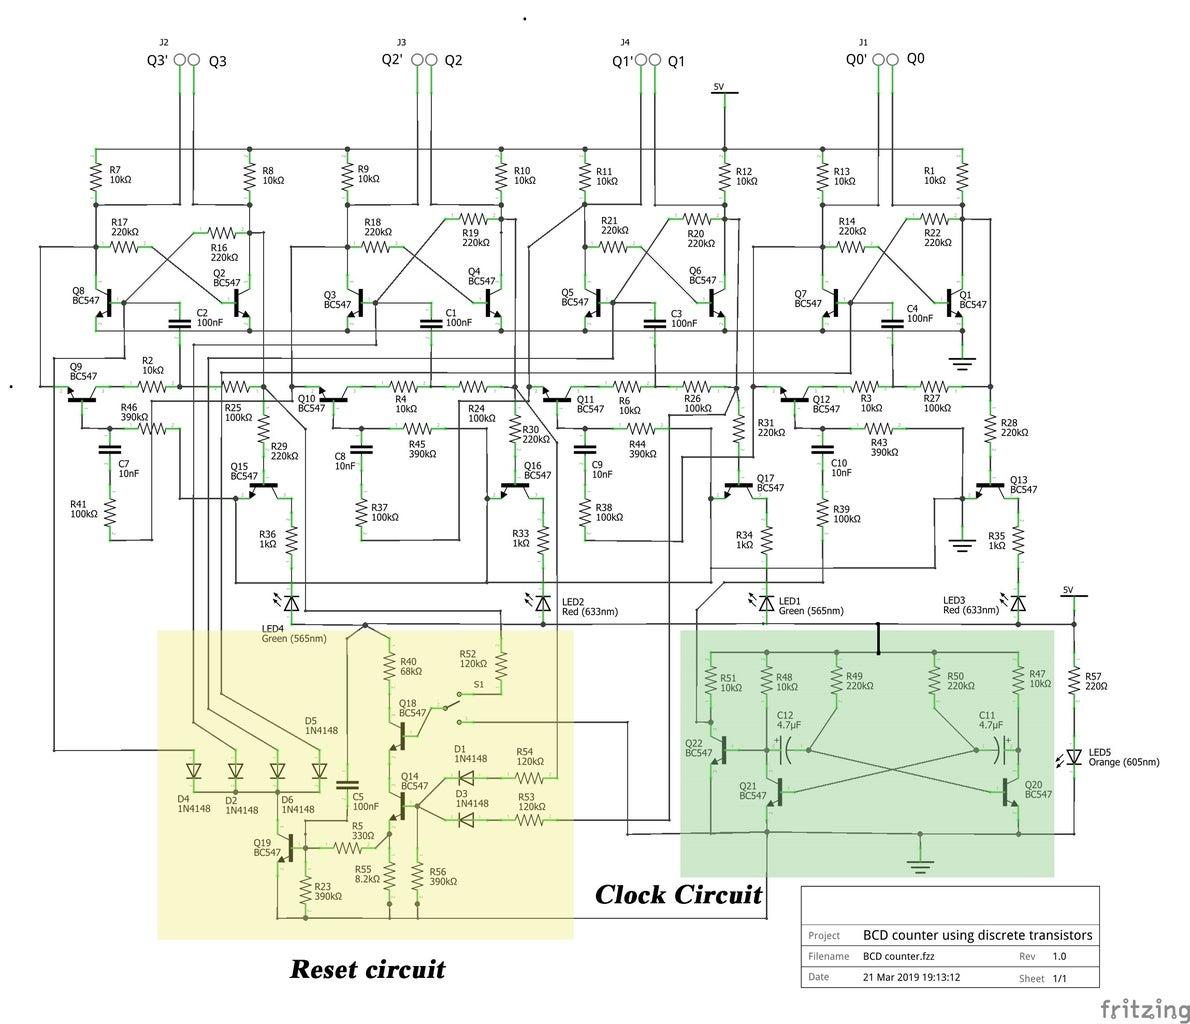 BCD Counter Using Discrete TRANSISTORS